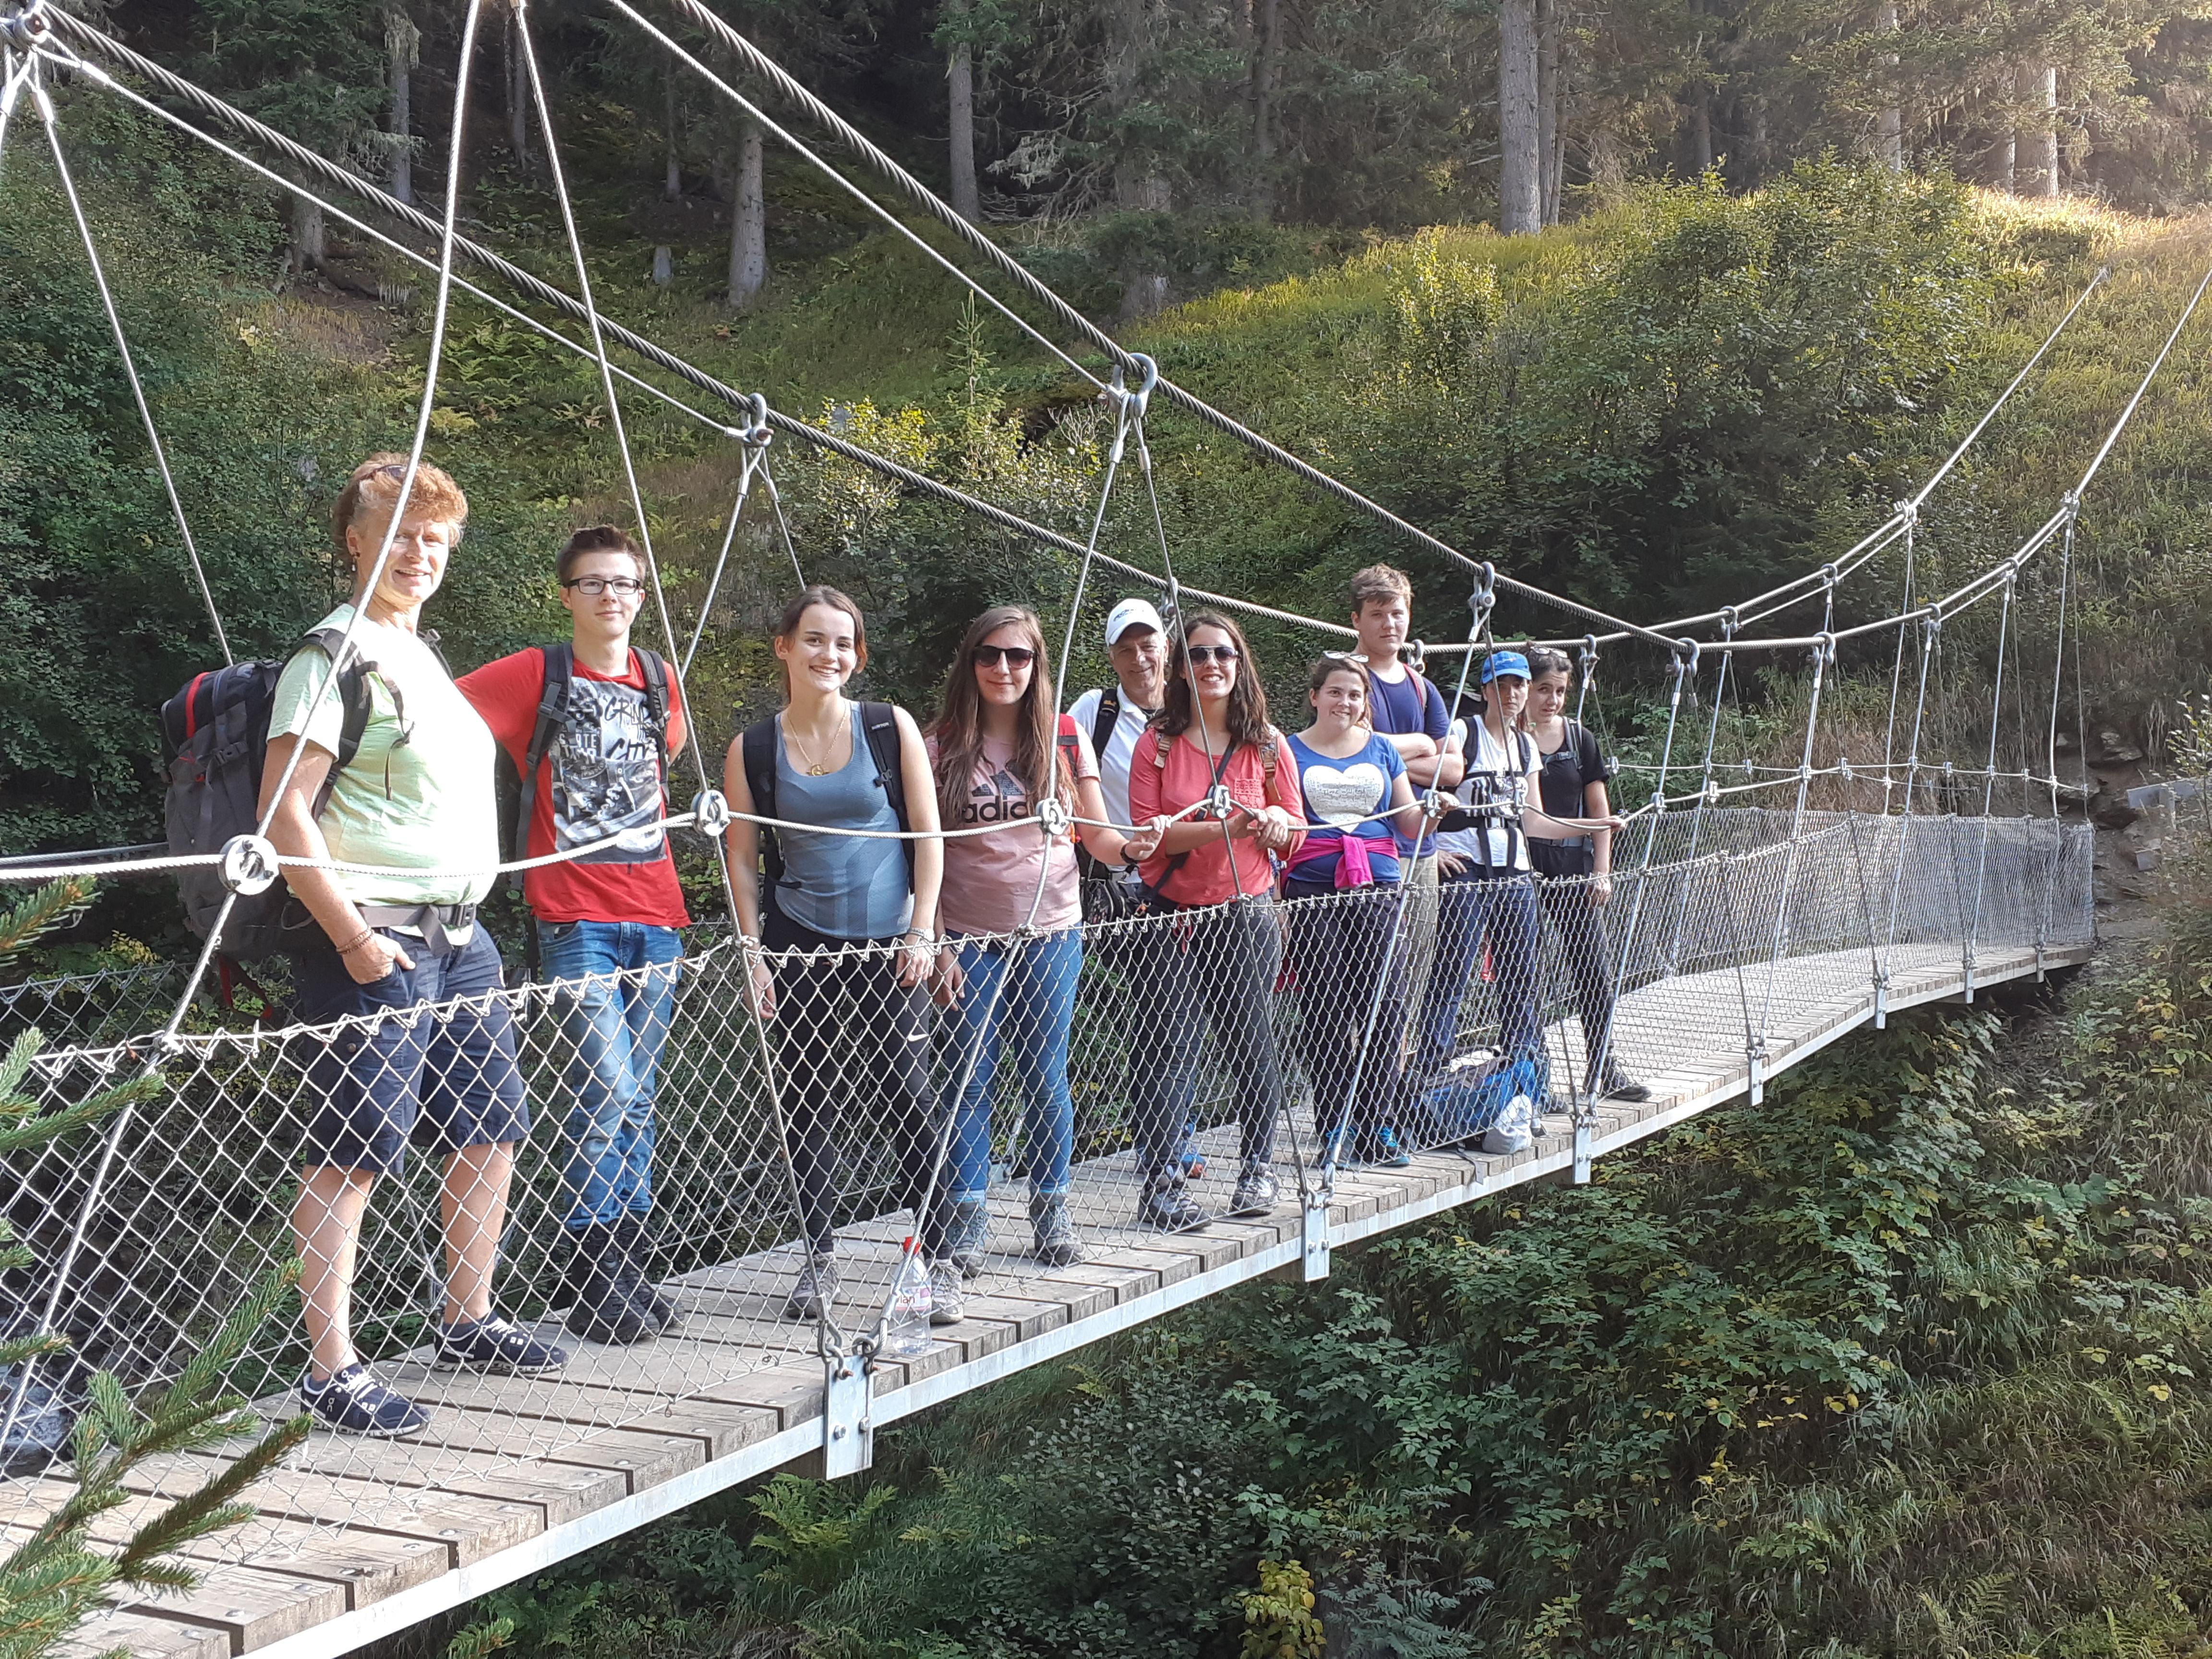 Einstiegswochenende In Sertig Davos: Bild Der Jugendliche Auf Einer Hängebrücke